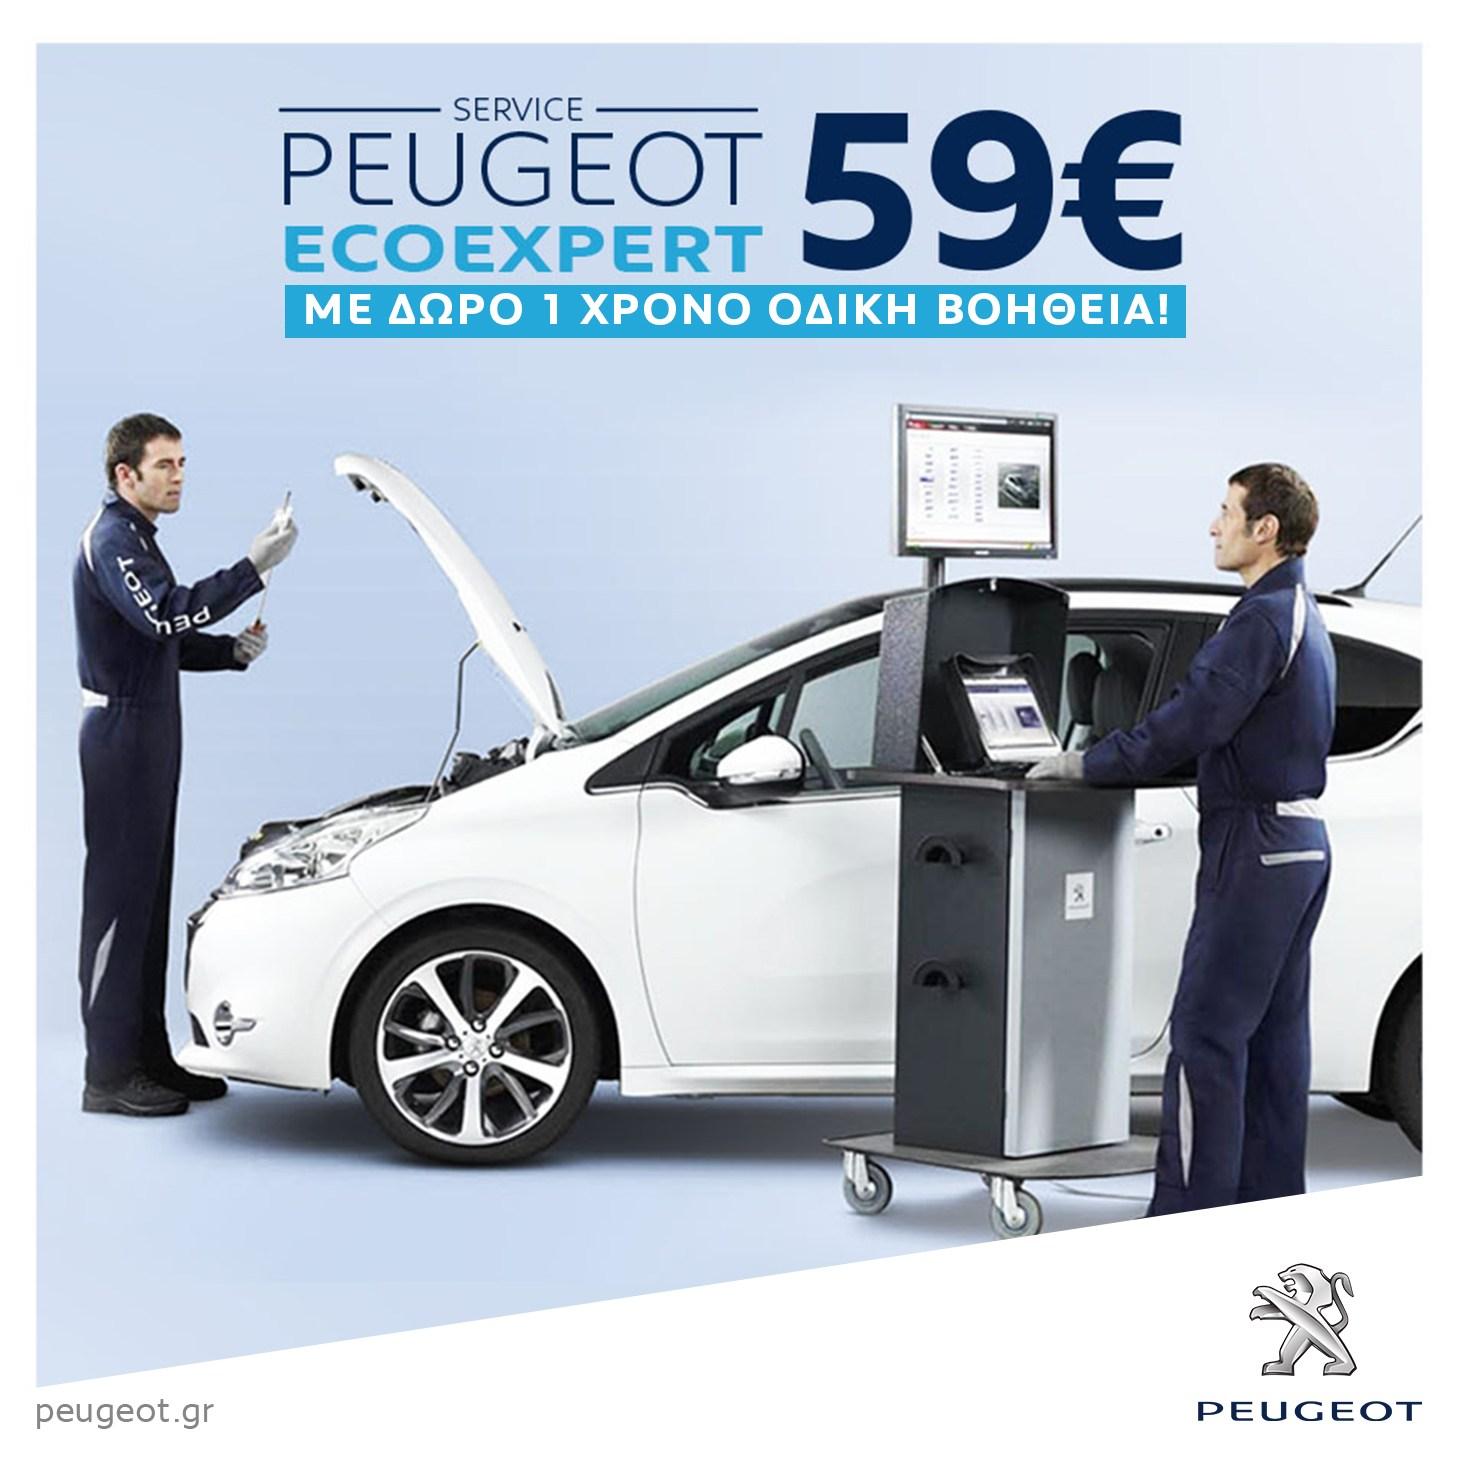 Το νέο πρόγραμμα συντήρησης Peugeot ECOEXPERTμε 59 ευρώ !